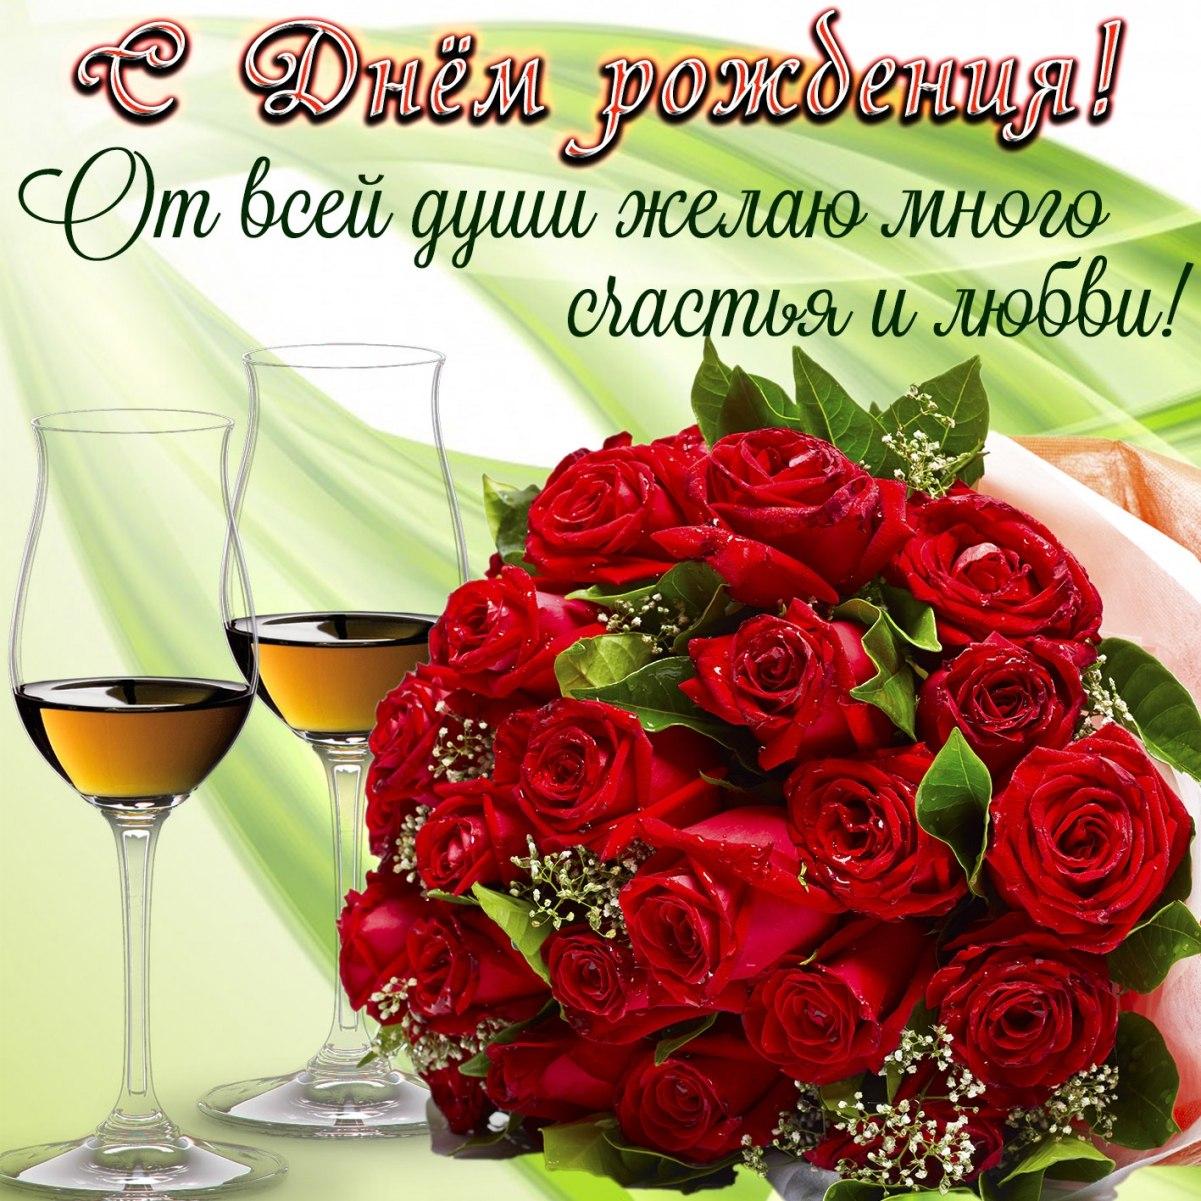 поздравления с днем рождения желаю тебе ого весенних